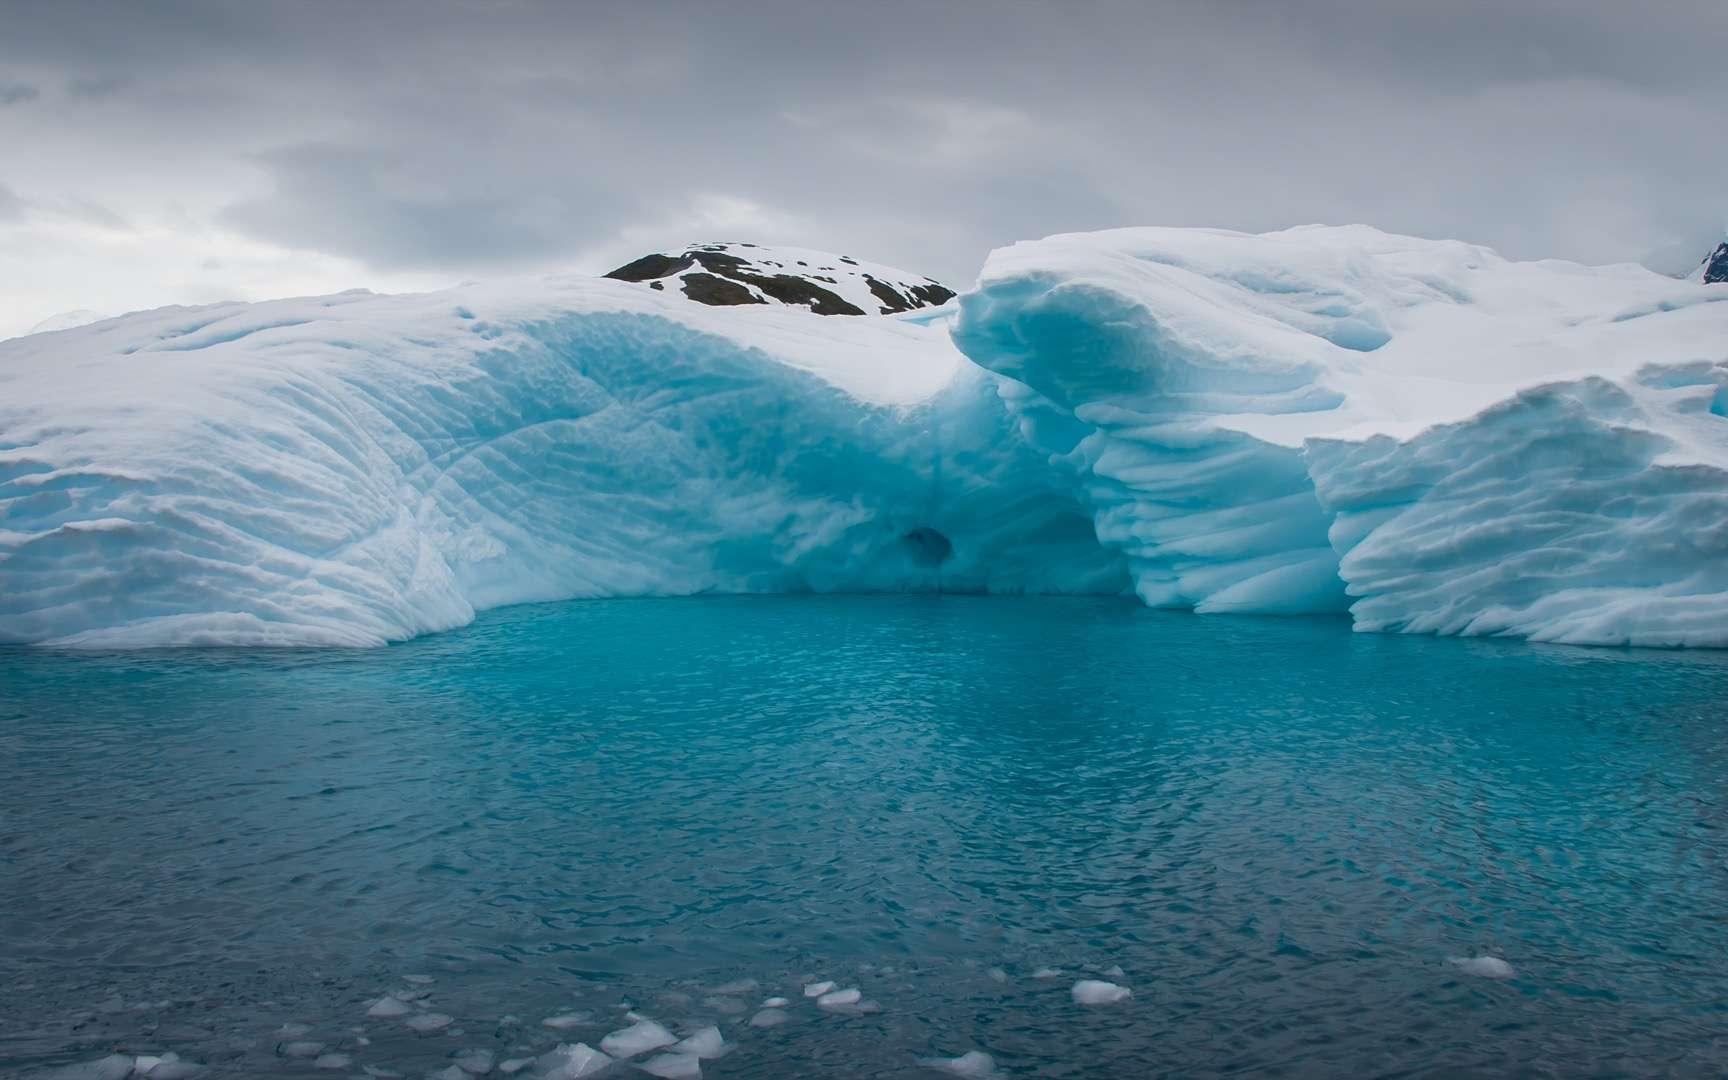 Le réchauffement menace de désintégration les soutiens des glaciers de l'Antarctique. © Asya M, Adobe Stock